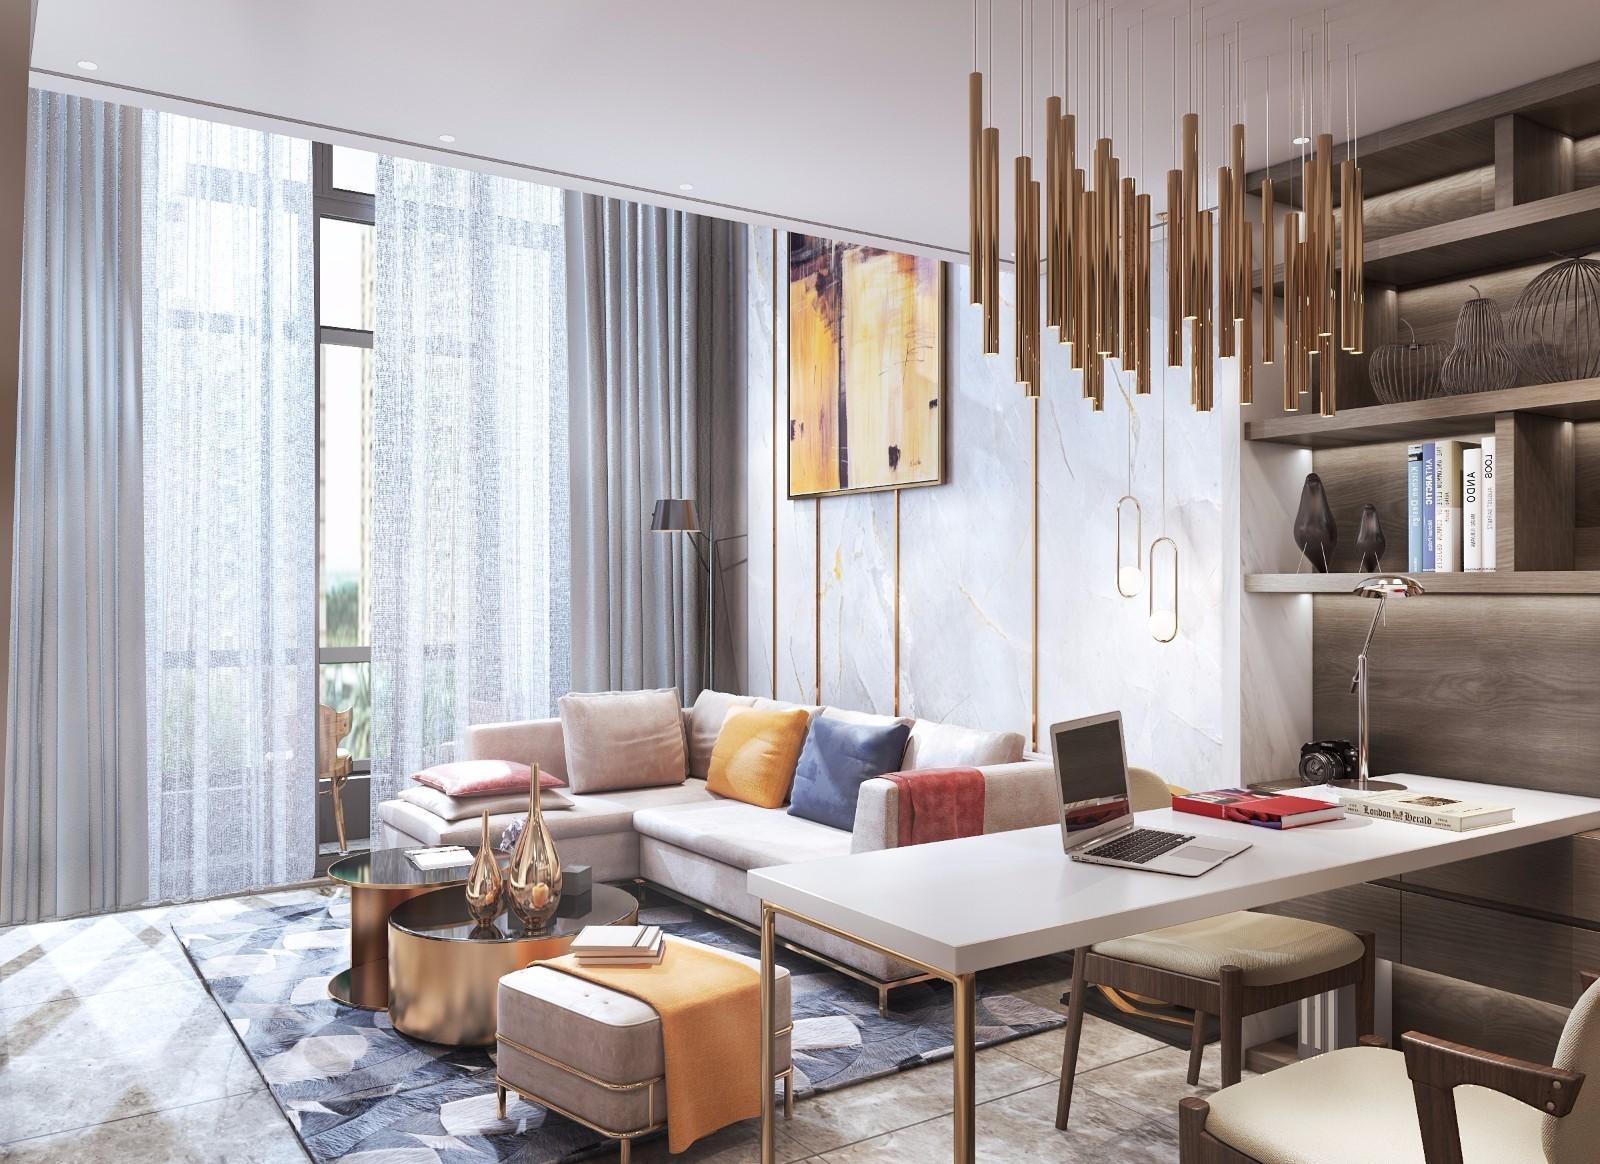 【家居设计】国外loft住宅设计欢迎加入:家居设计交流封面设计版式图片